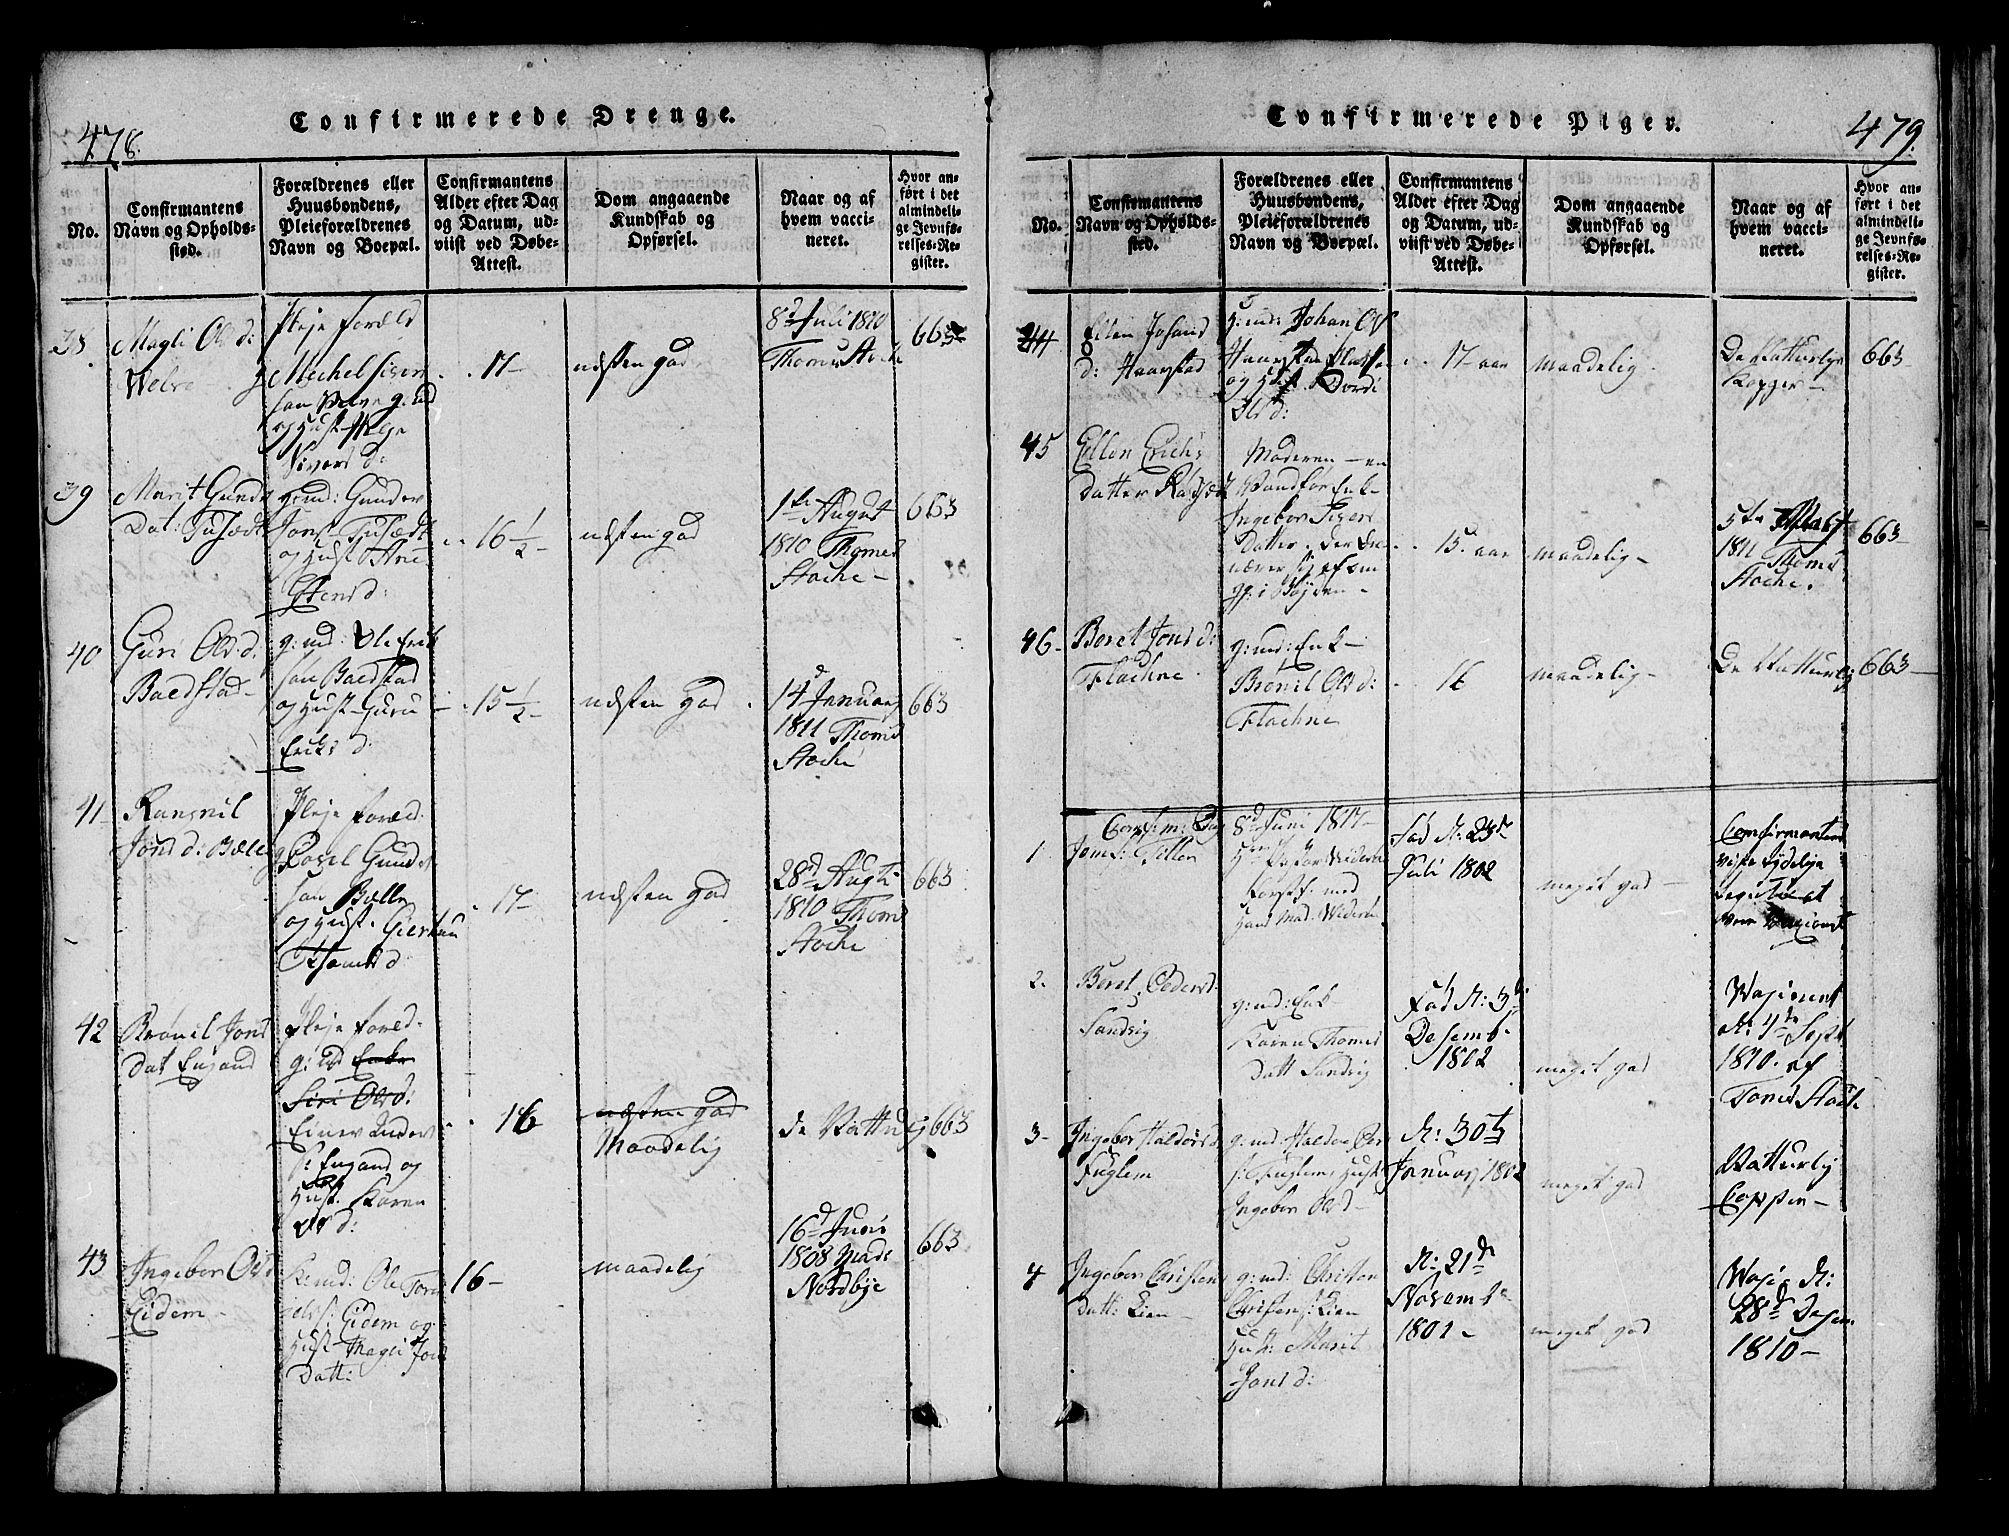 SAT, Ministerialprotokoller, klokkerbøker og fødselsregistre - Sør-Trøndelag, 695/L1152: Klokkerbok nr. 695C03, 1816-1831, s. 478-479